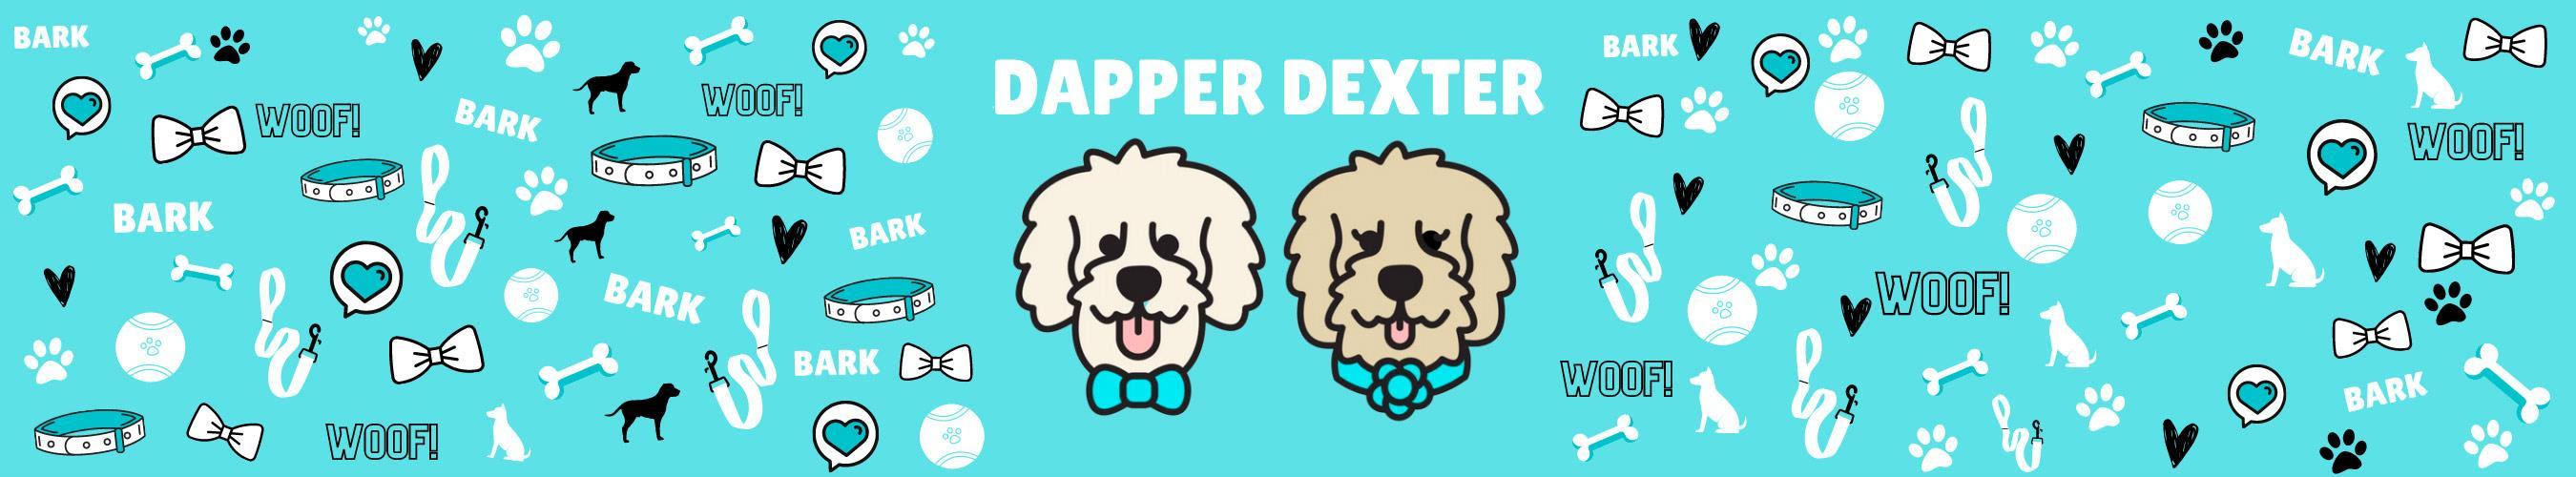 DAPPER DEXTER